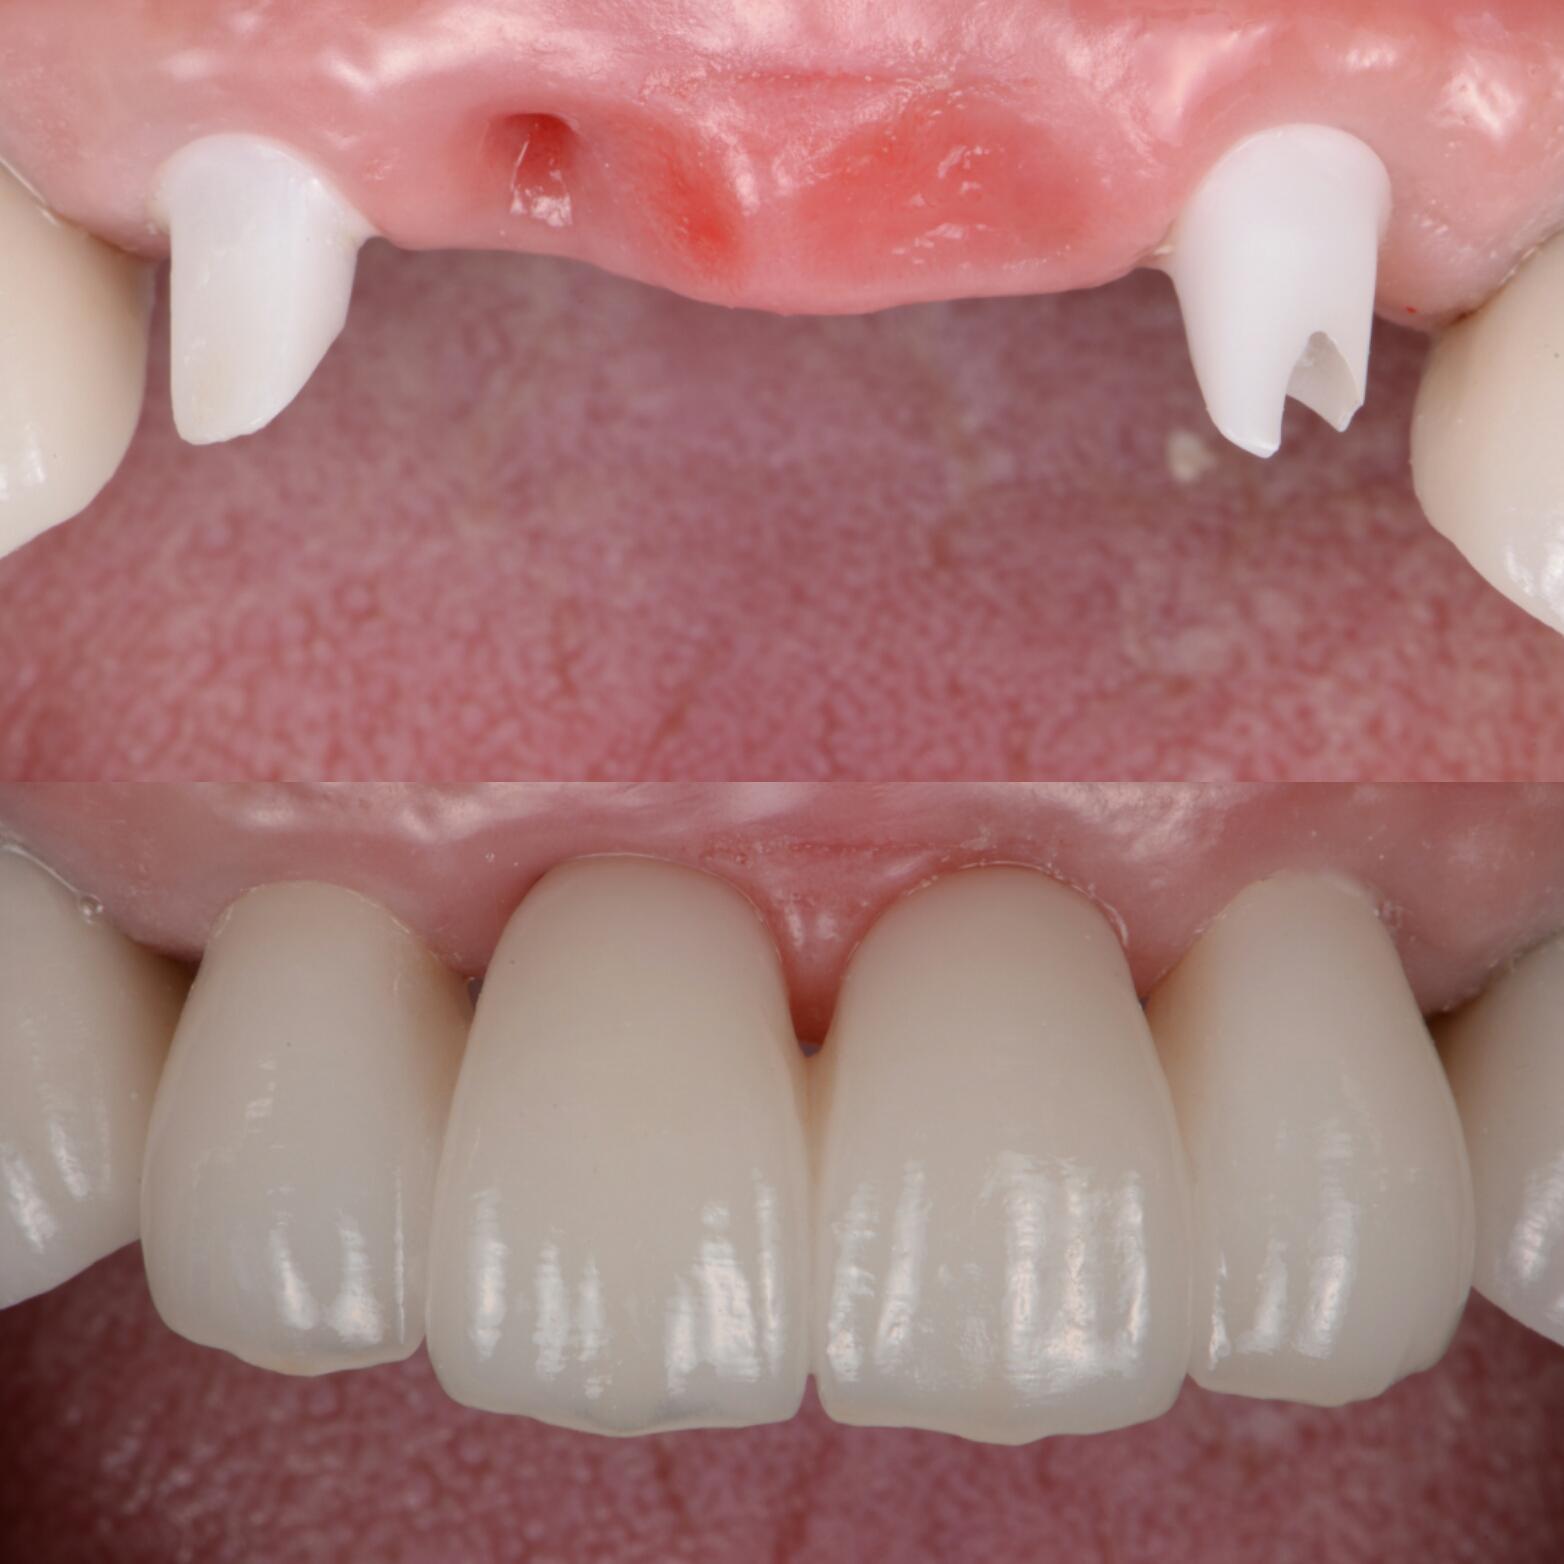 前歯のインプラントをした症例紹介